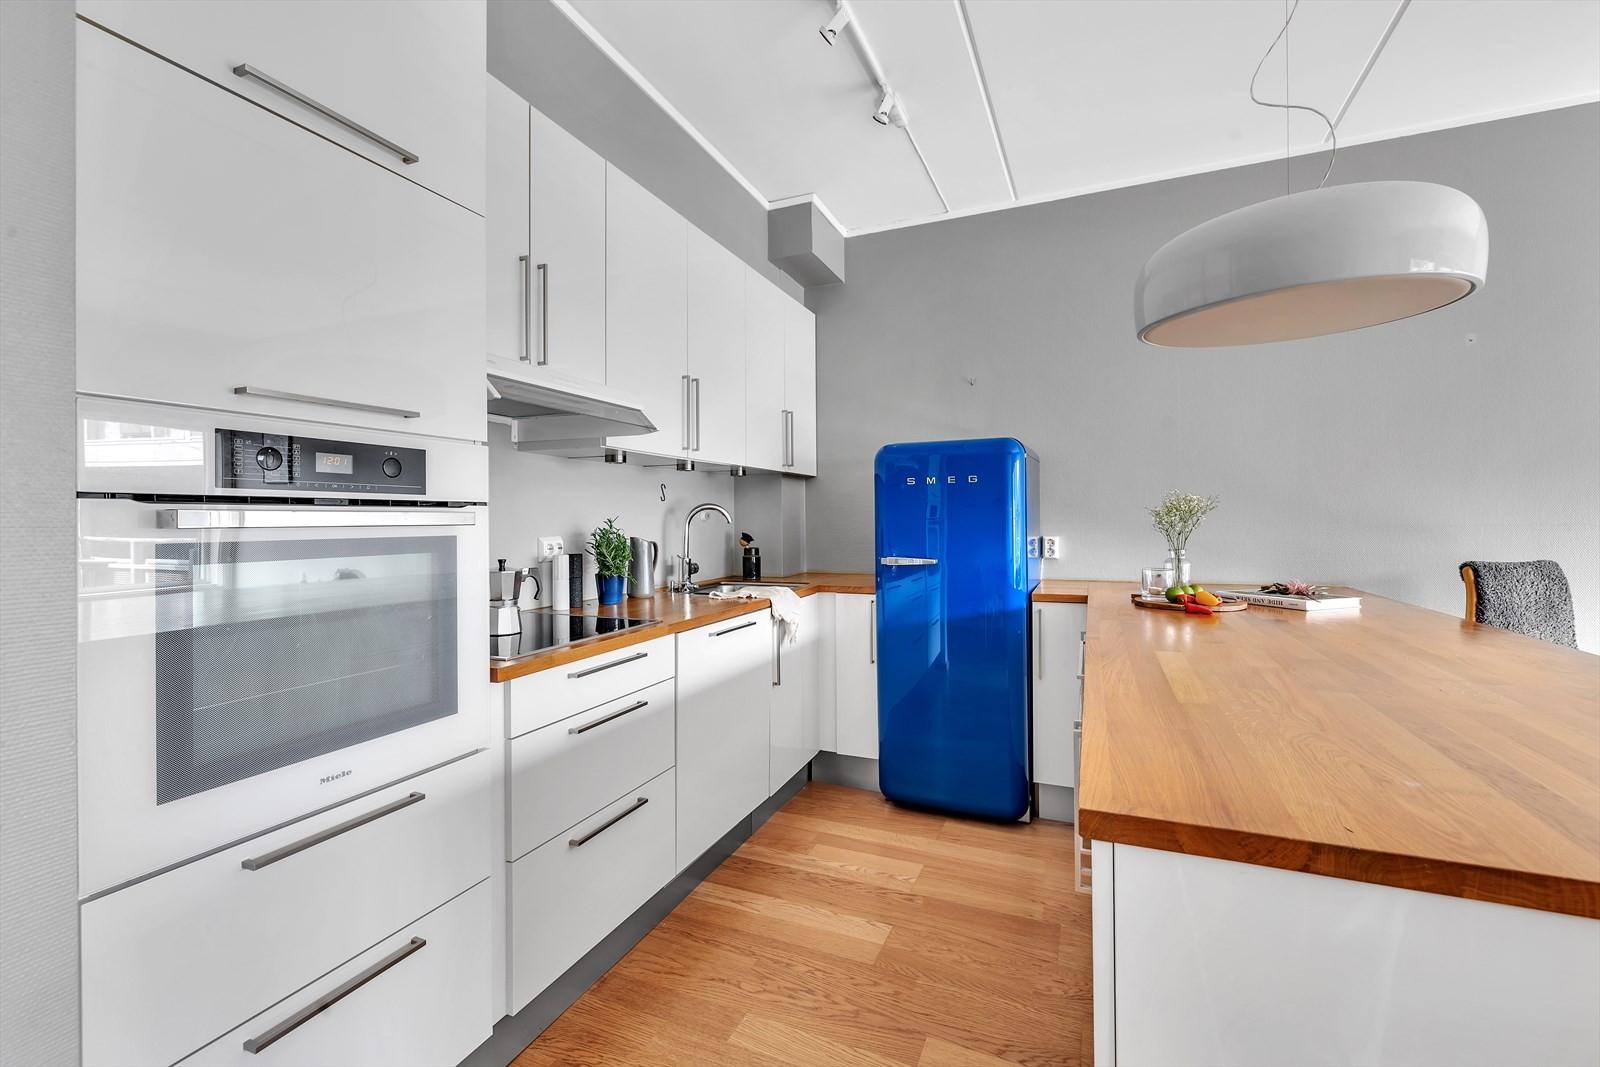 Integrert stekeovn, koketopp og oppvaskemaskin